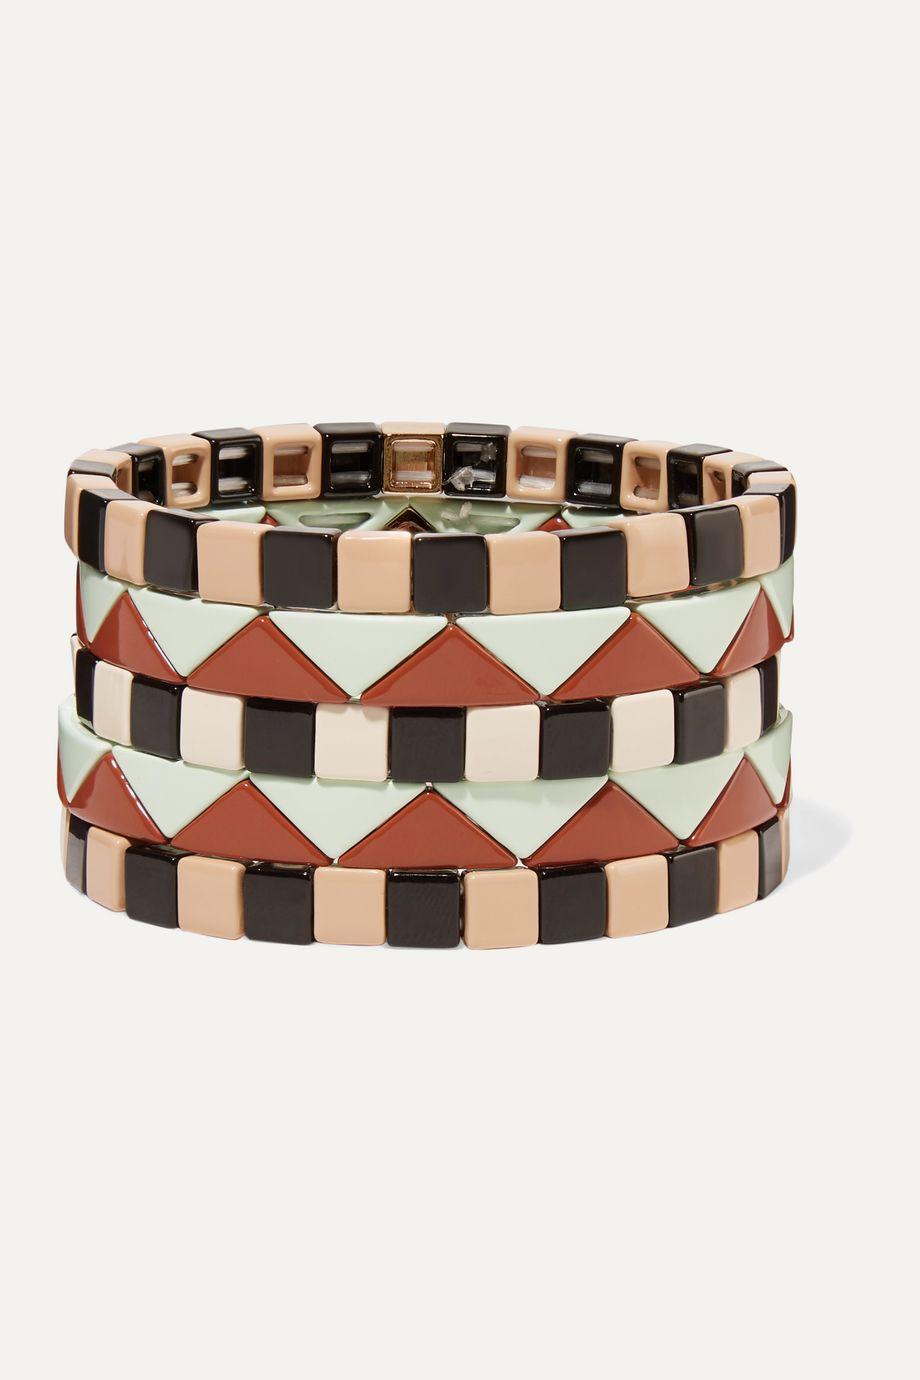 록산느 애슐린 팔찌 Roxanne Assoulin Mosaic set of five enamel bracelets,Tan